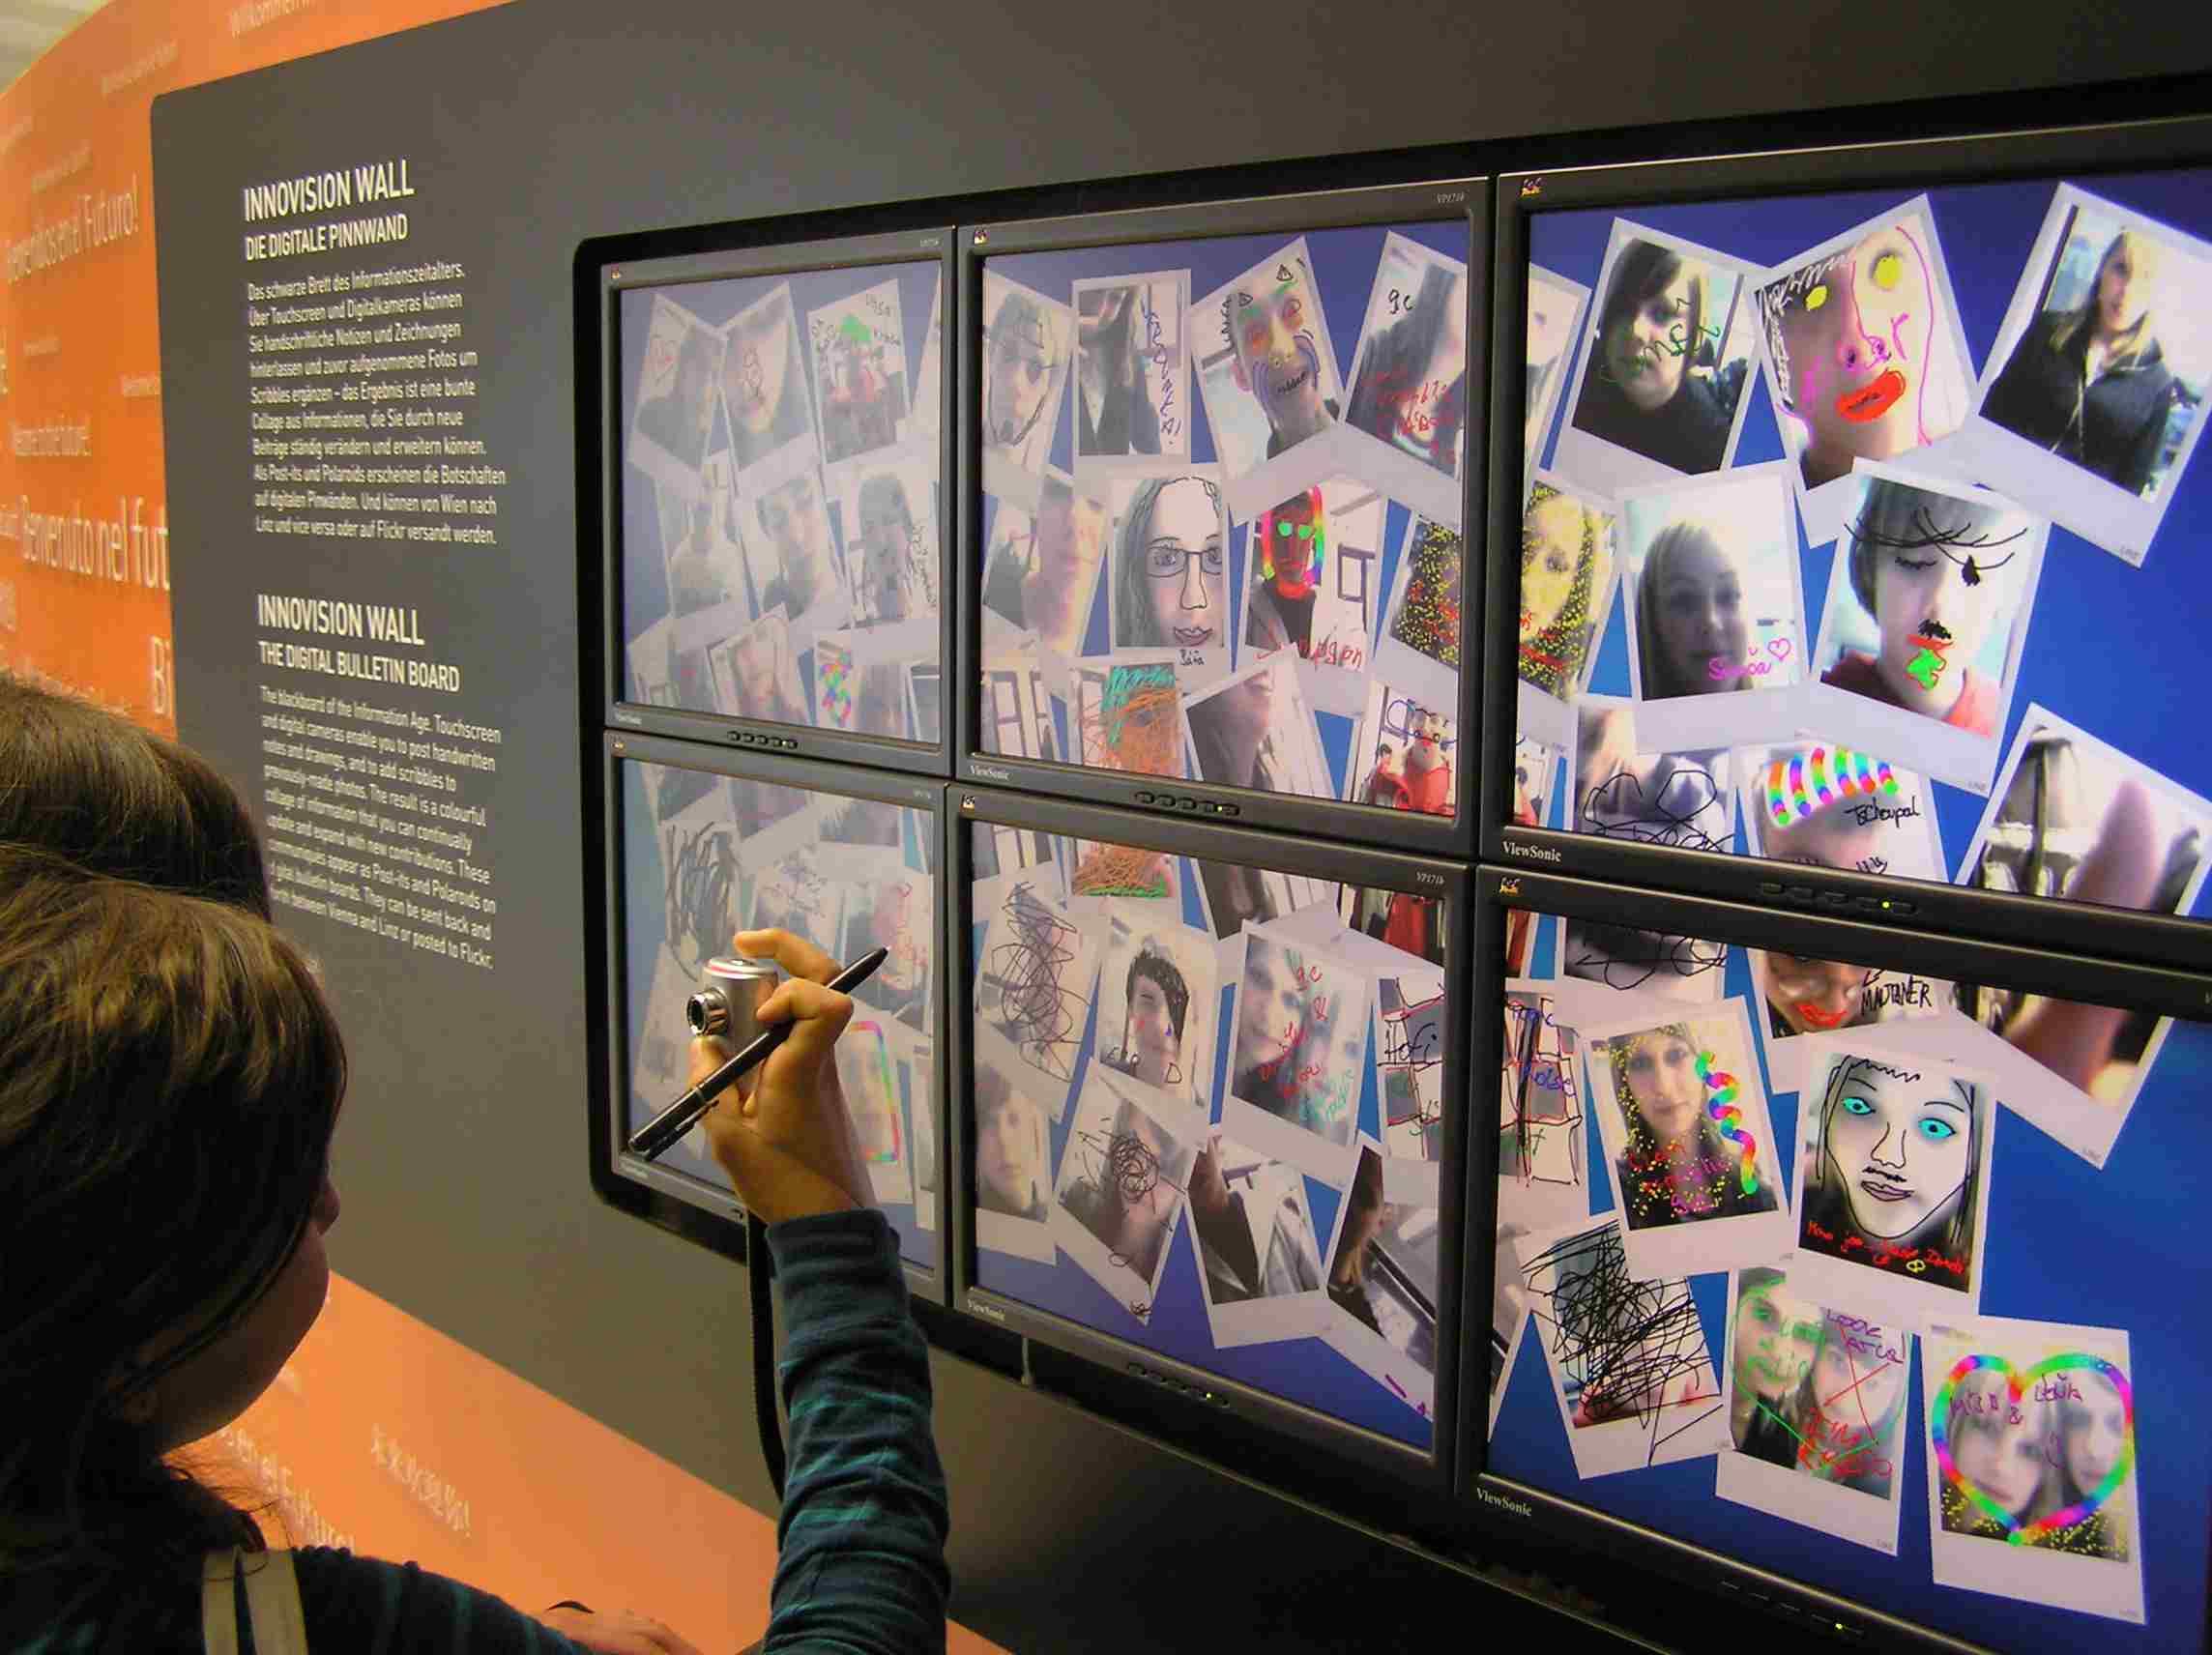 Obr. 16: V Ars electronice je možné se také vyfotit a nechat ostatním návtěvníkům o sobě vizuální i verbální vzkaz.